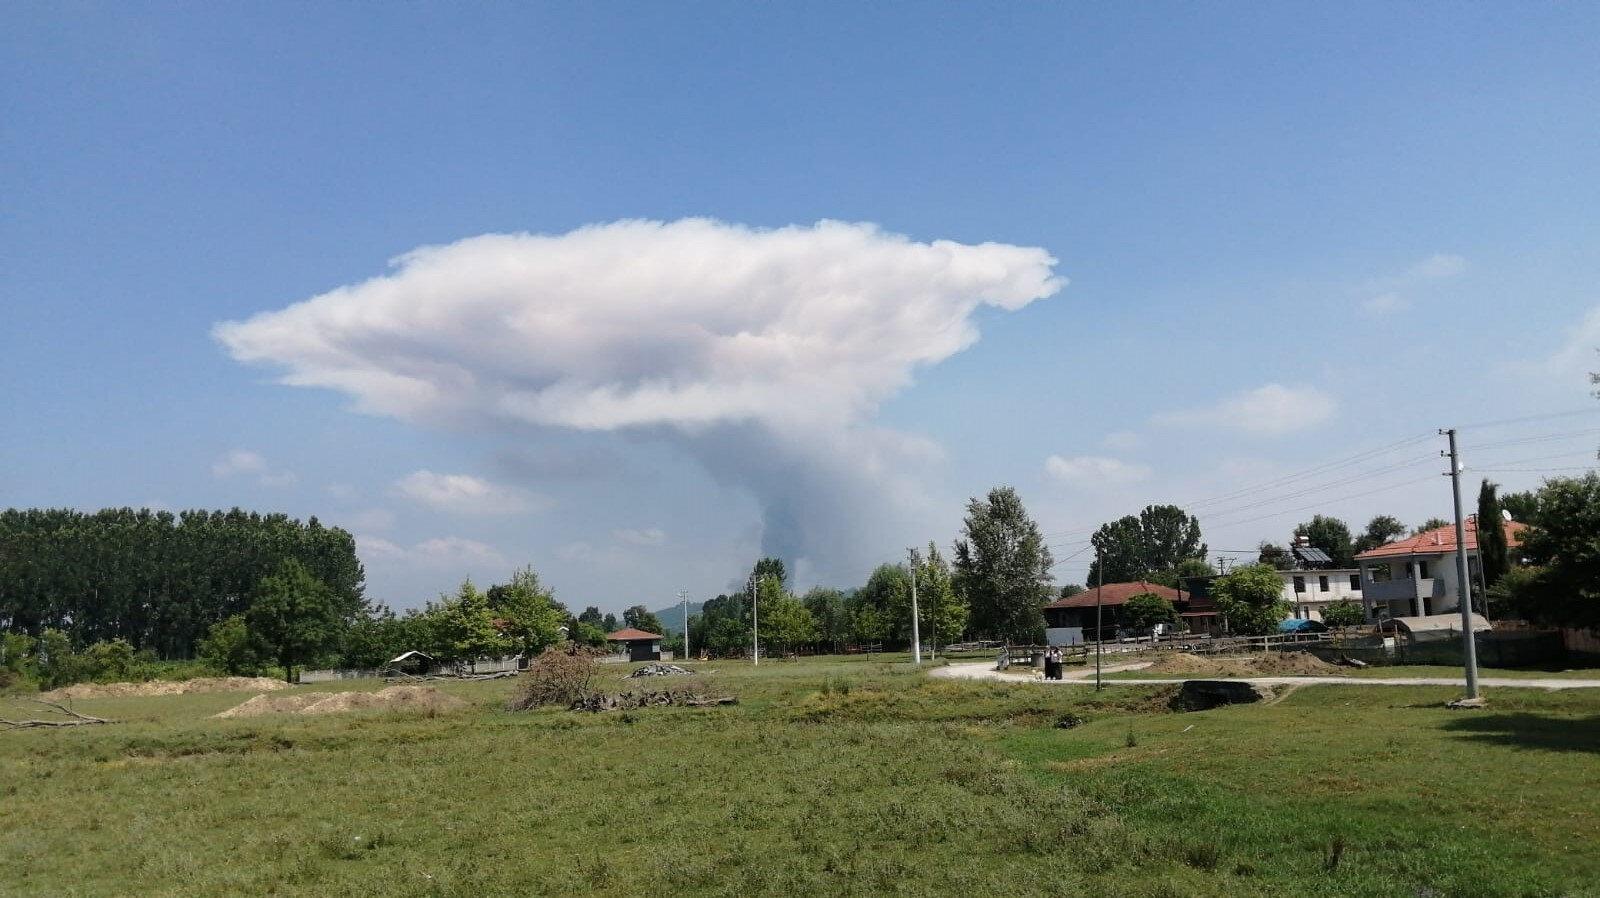 Sakarya'nın Hendek ilçesindeki havai fişek fabrikasında patlama meydana geldi.